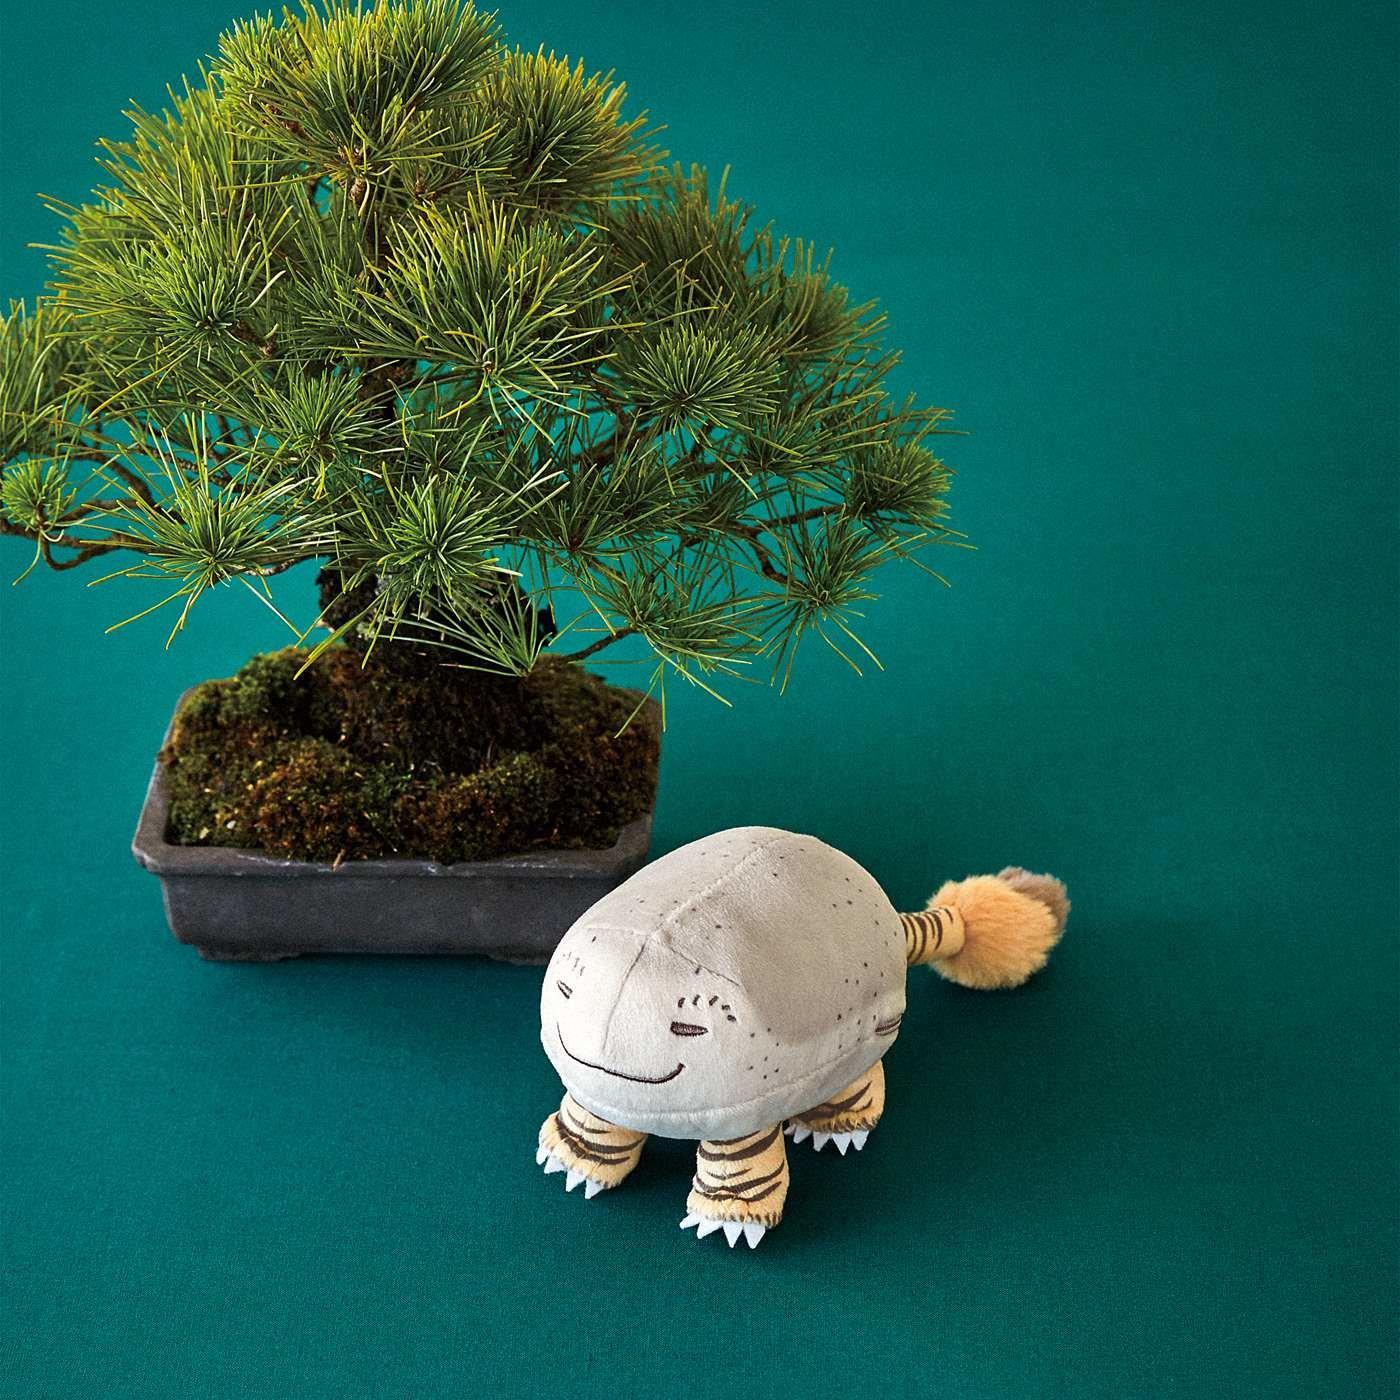 太田記念美術館×フェリシモミュージアム部 絵師のユーモアが生んだ珍獣 虎子石(とらこいし)もっちりポーチ